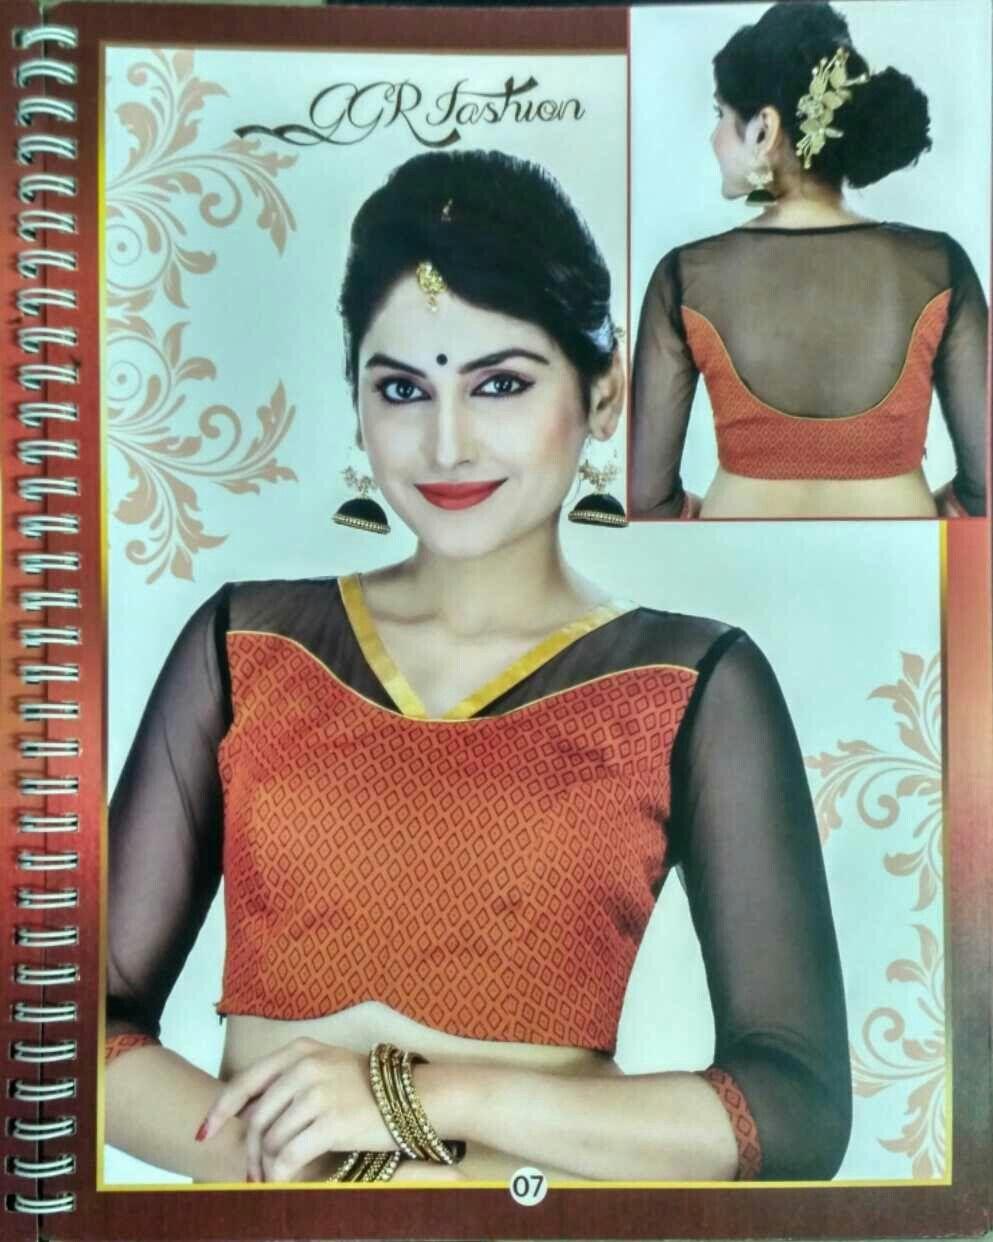 Pin By Ravikiran Suryan On Ggr Fashion Blouse Designs R K Blouse Styles Fashion Blouse Design Blouse Designs